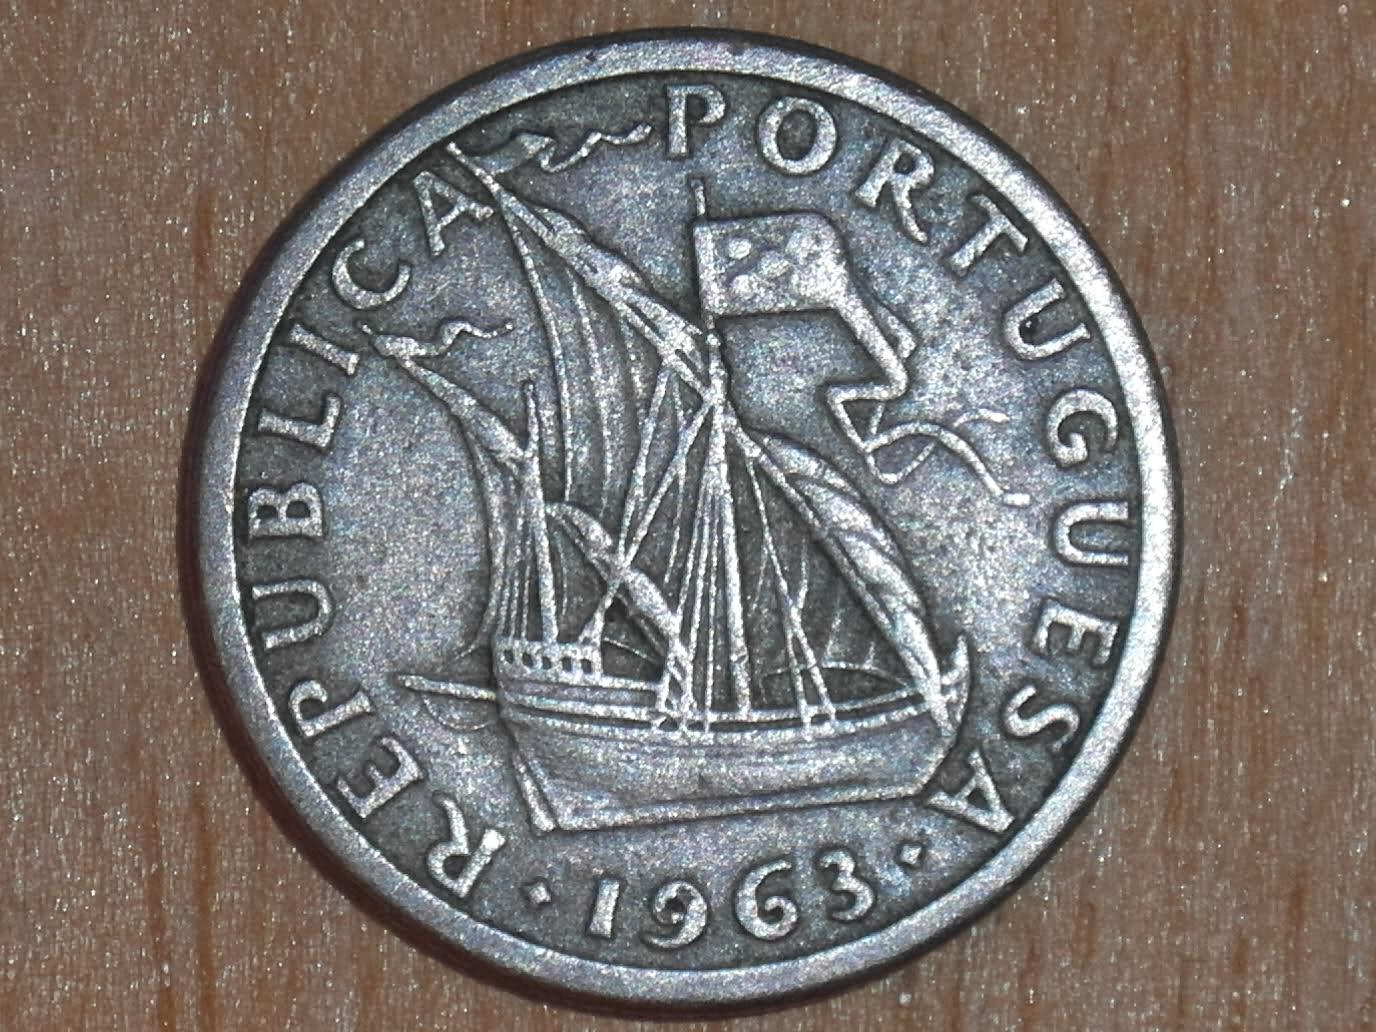 2$50 Escudos Republica Portuguesa 1963 Igj4aq